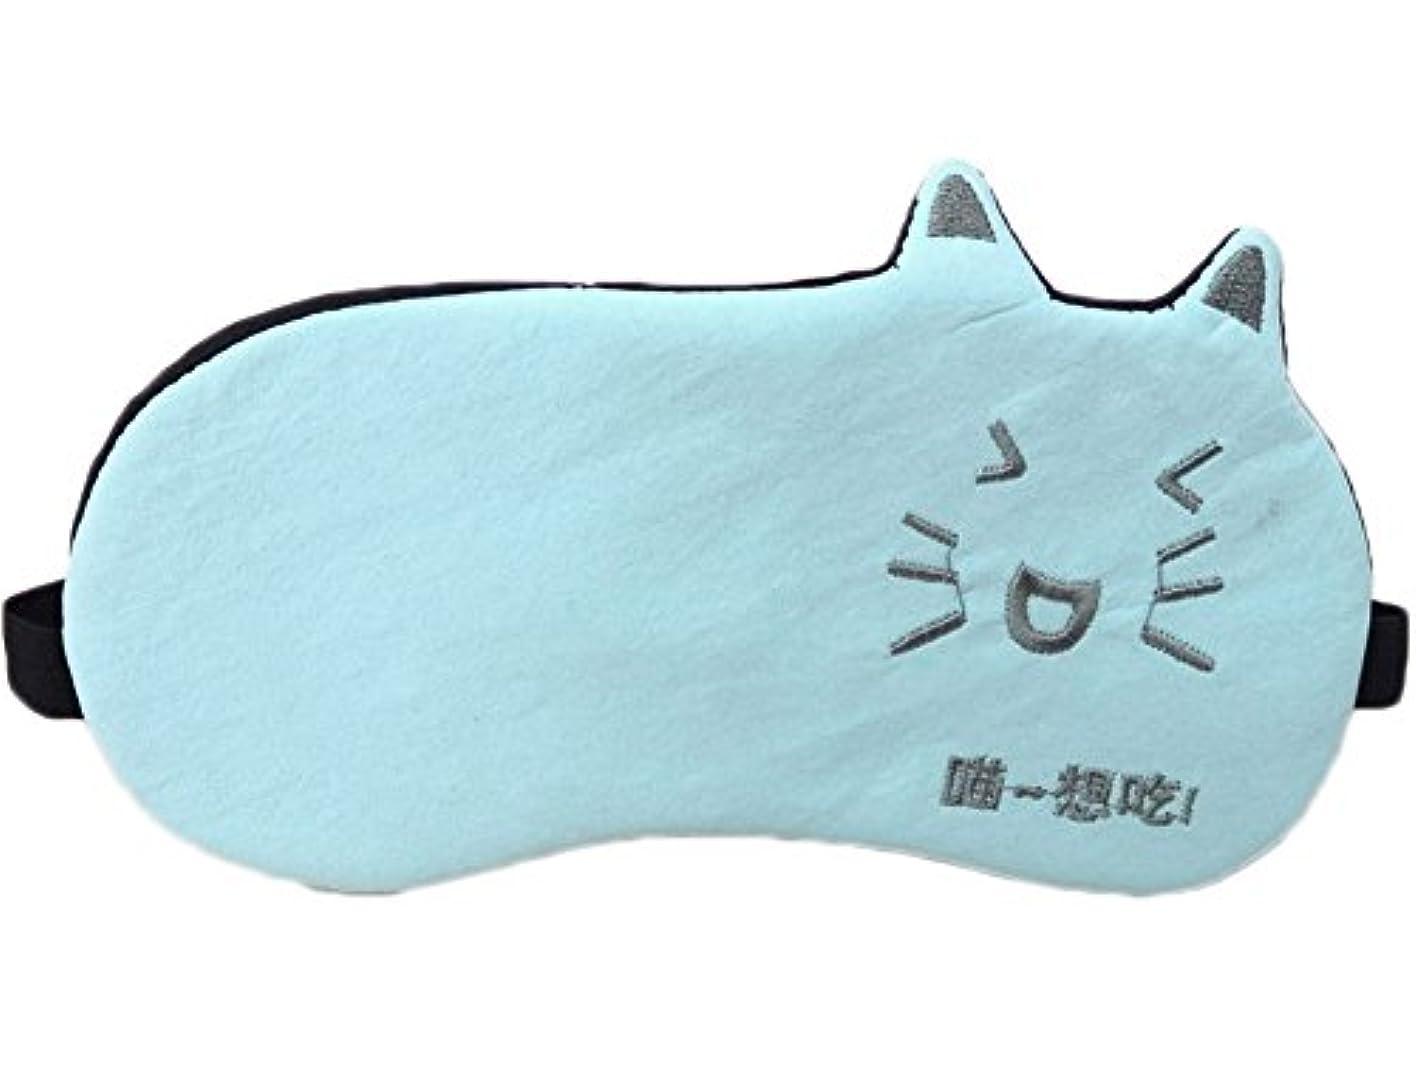 夕食を食べる所有者ショットかわいい漫画のデザインアイマスク睡眠飛行機の旅行シフト作業のためのマスク、#04